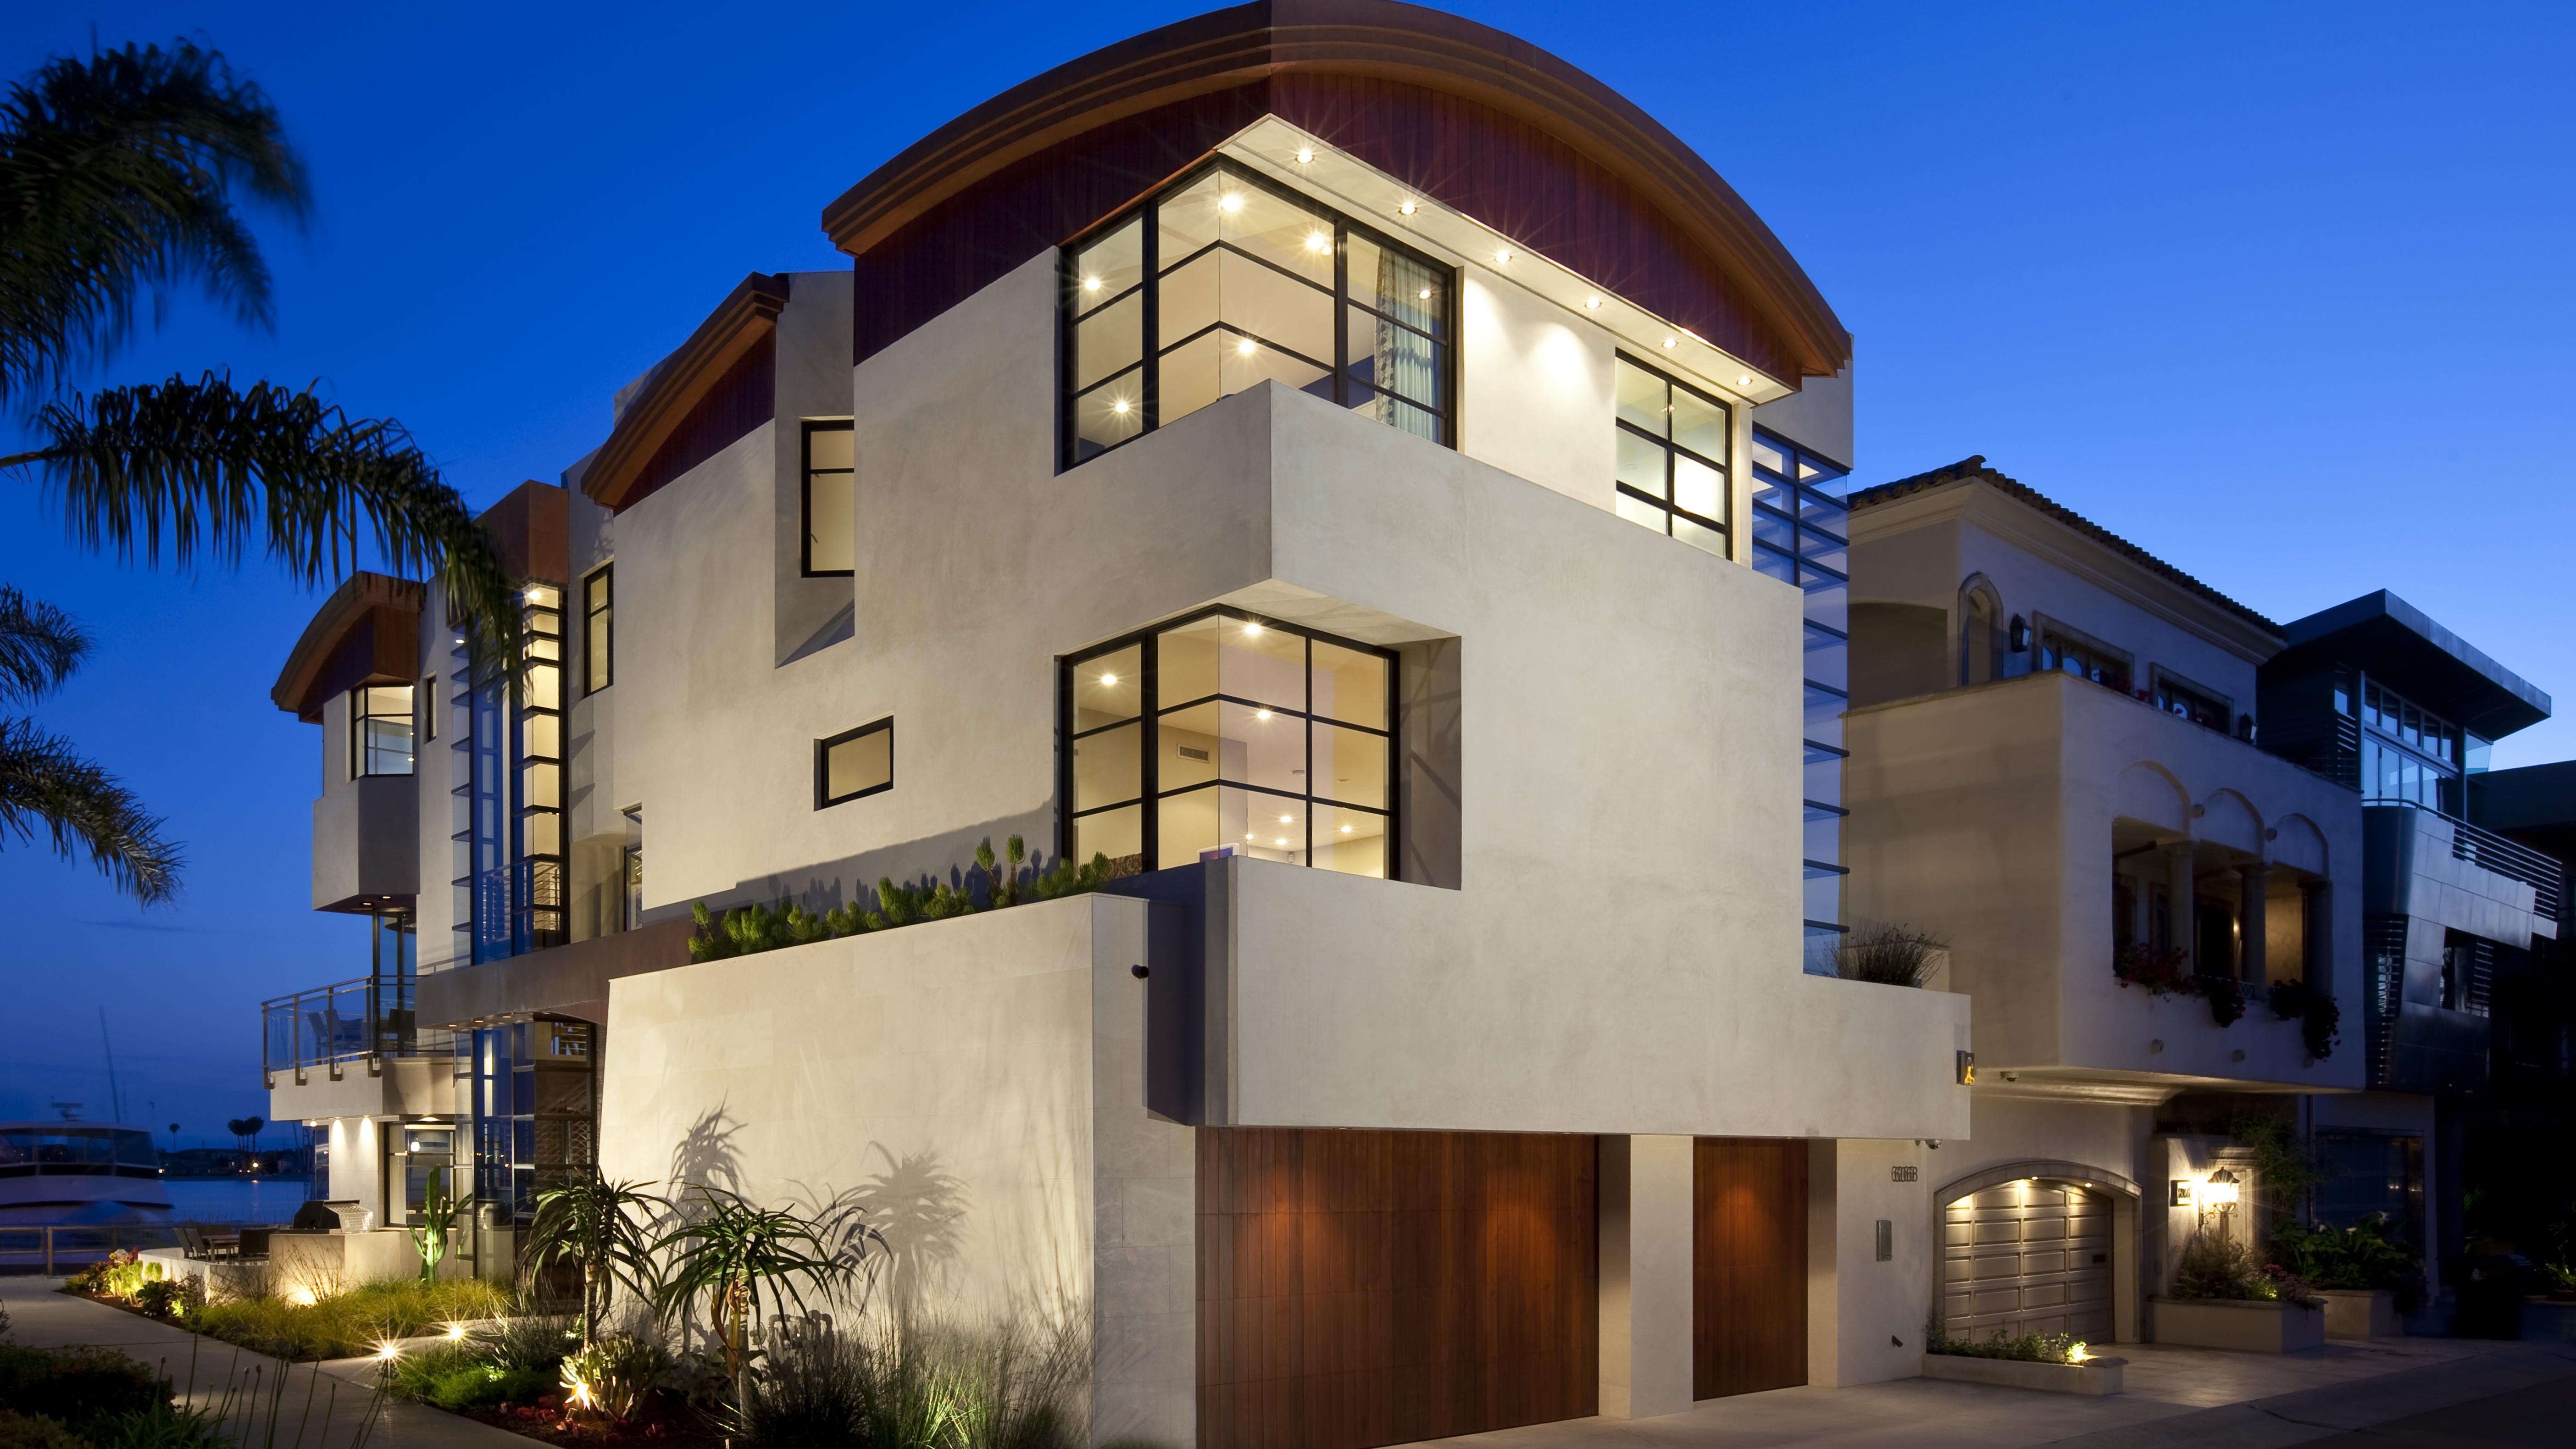 Pratto Residence